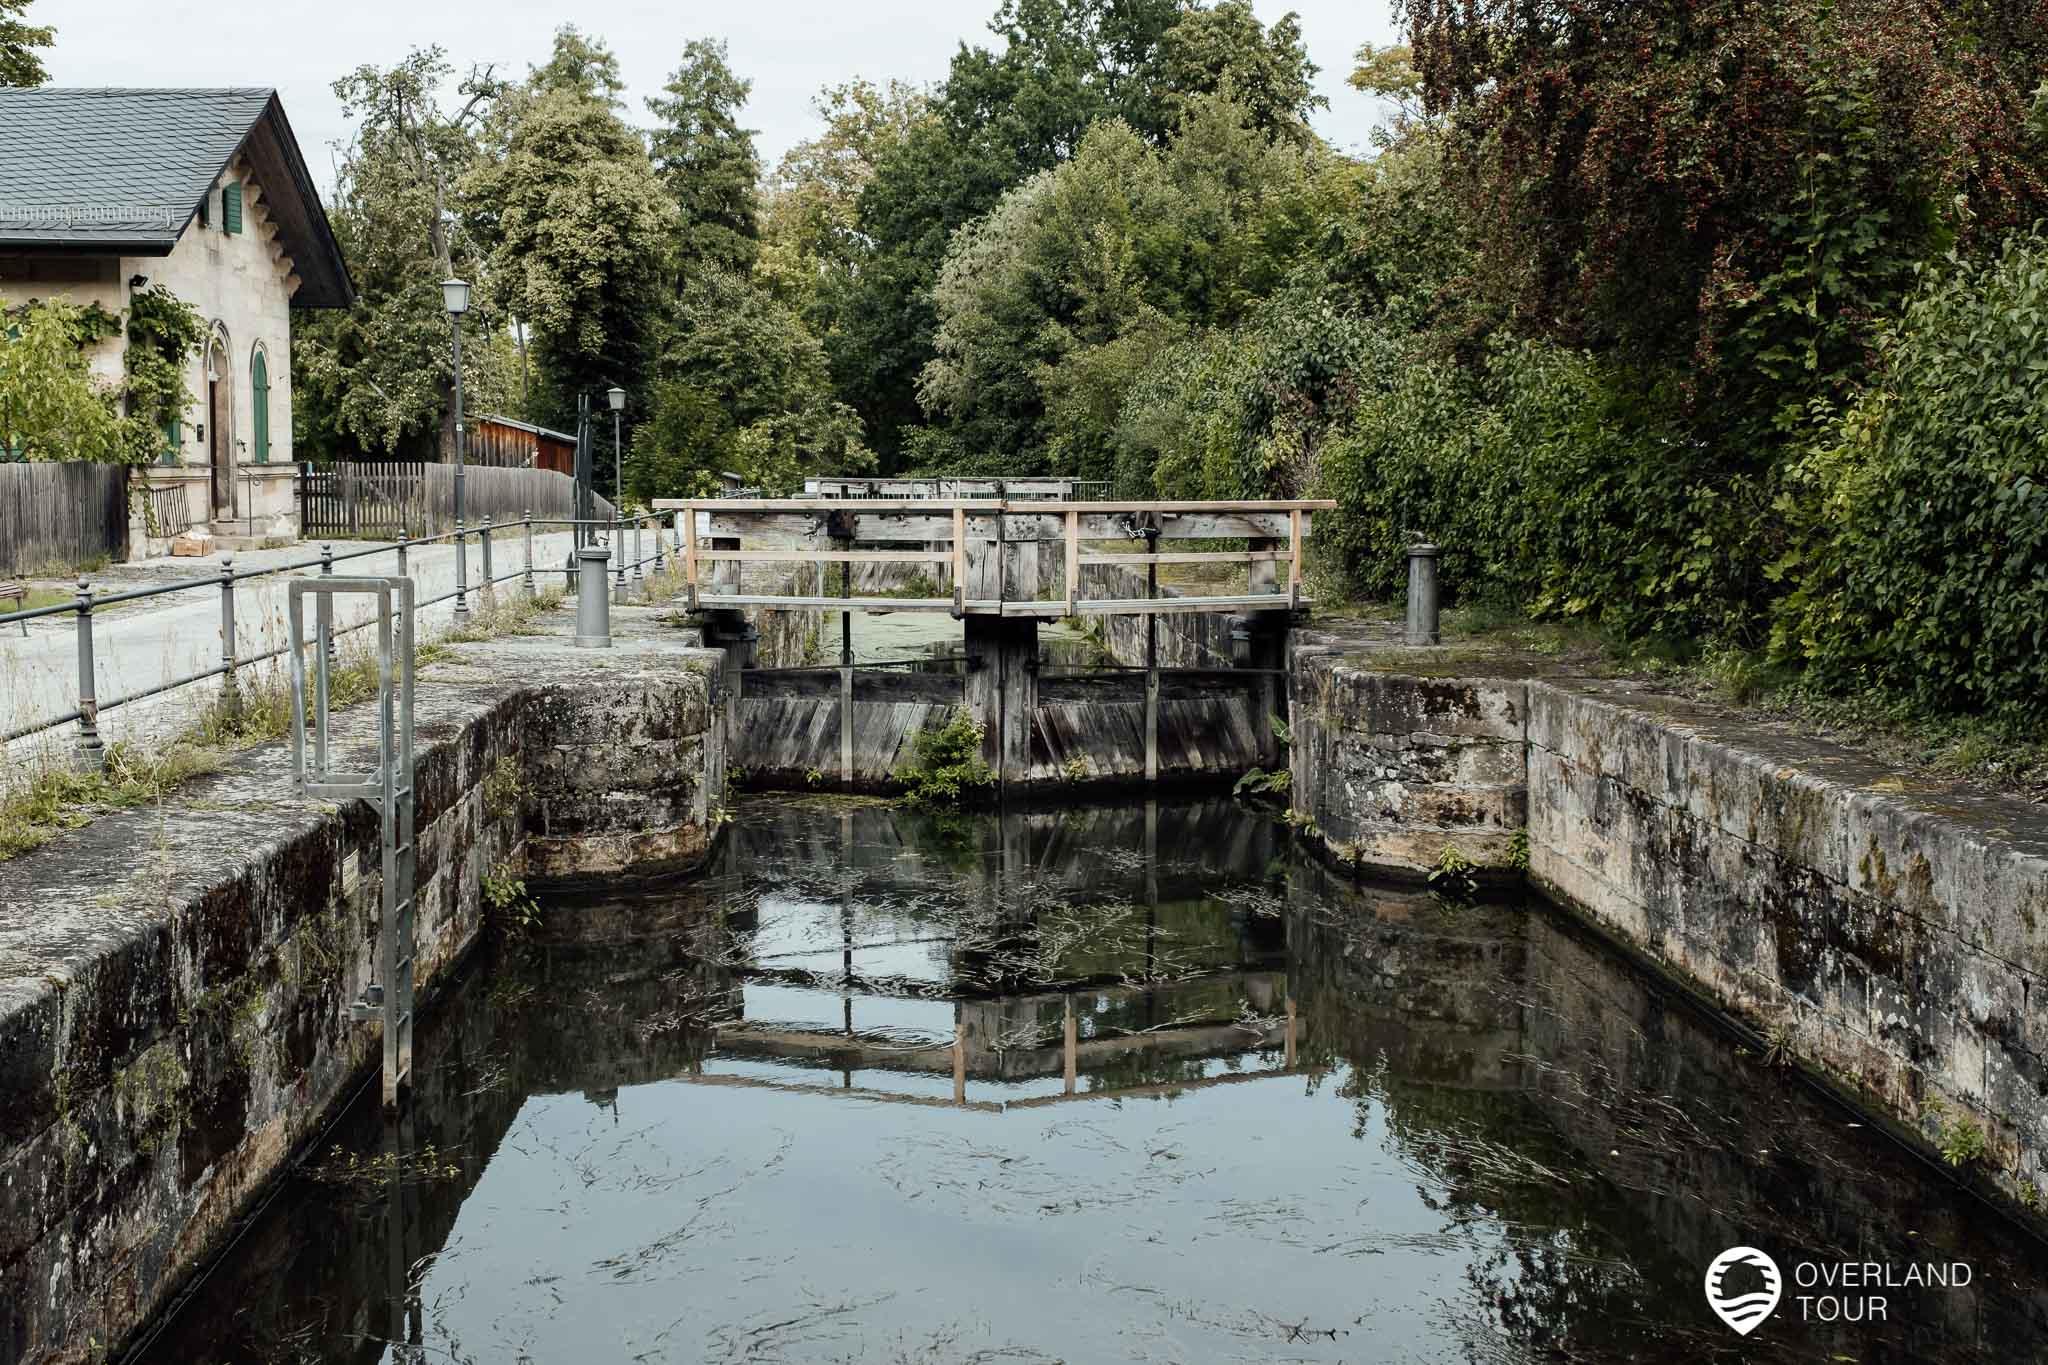 Die Schleuse 100 des Ludwig-Main-Donau-Kanals